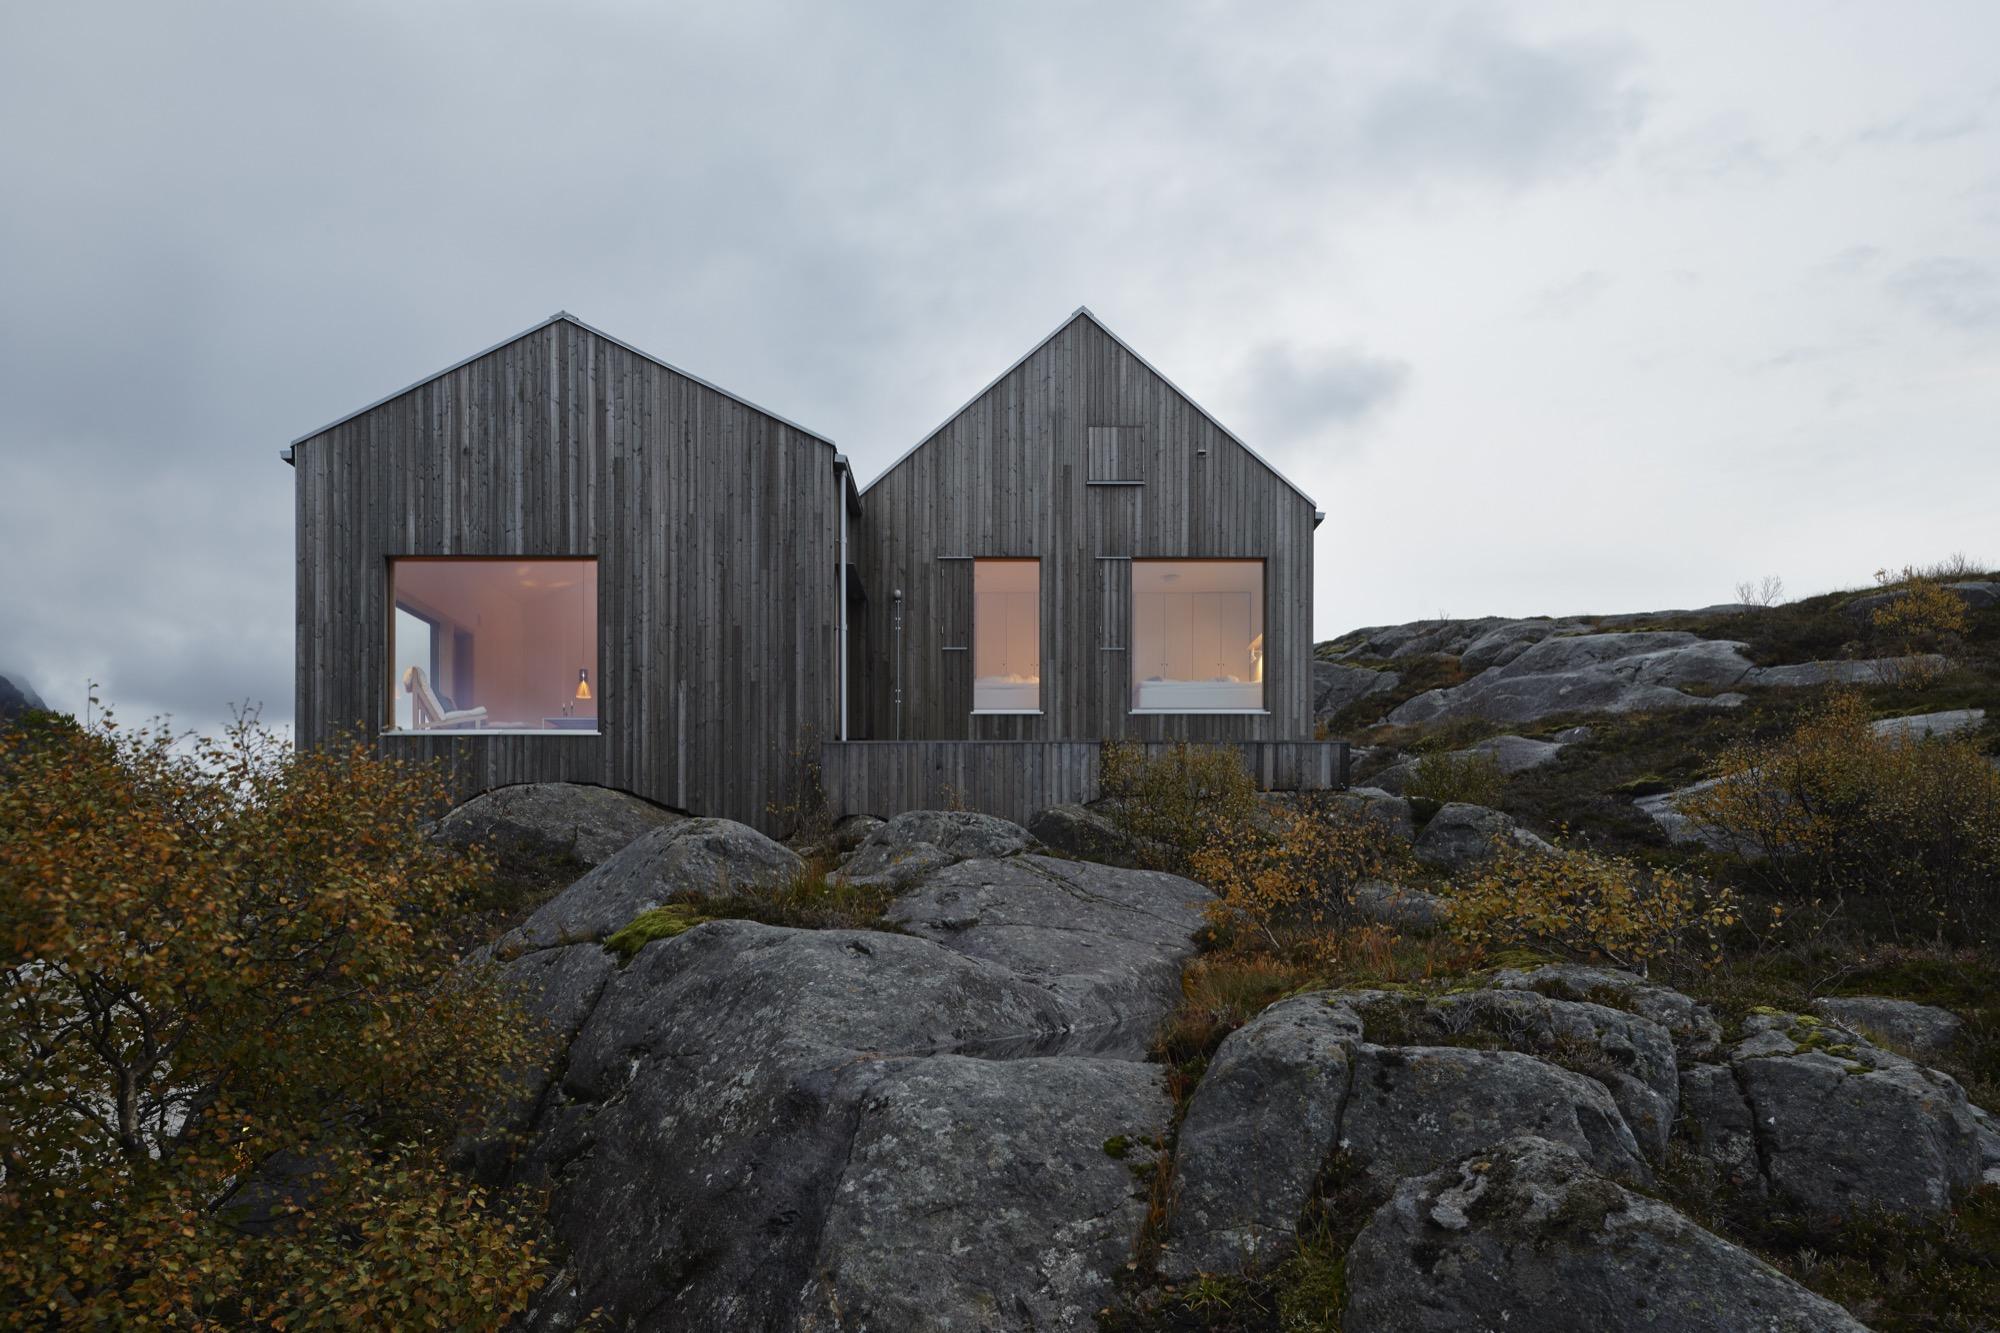 Vega Norge, Erik Kolman Janush / Photo by Åke E:son Lindman